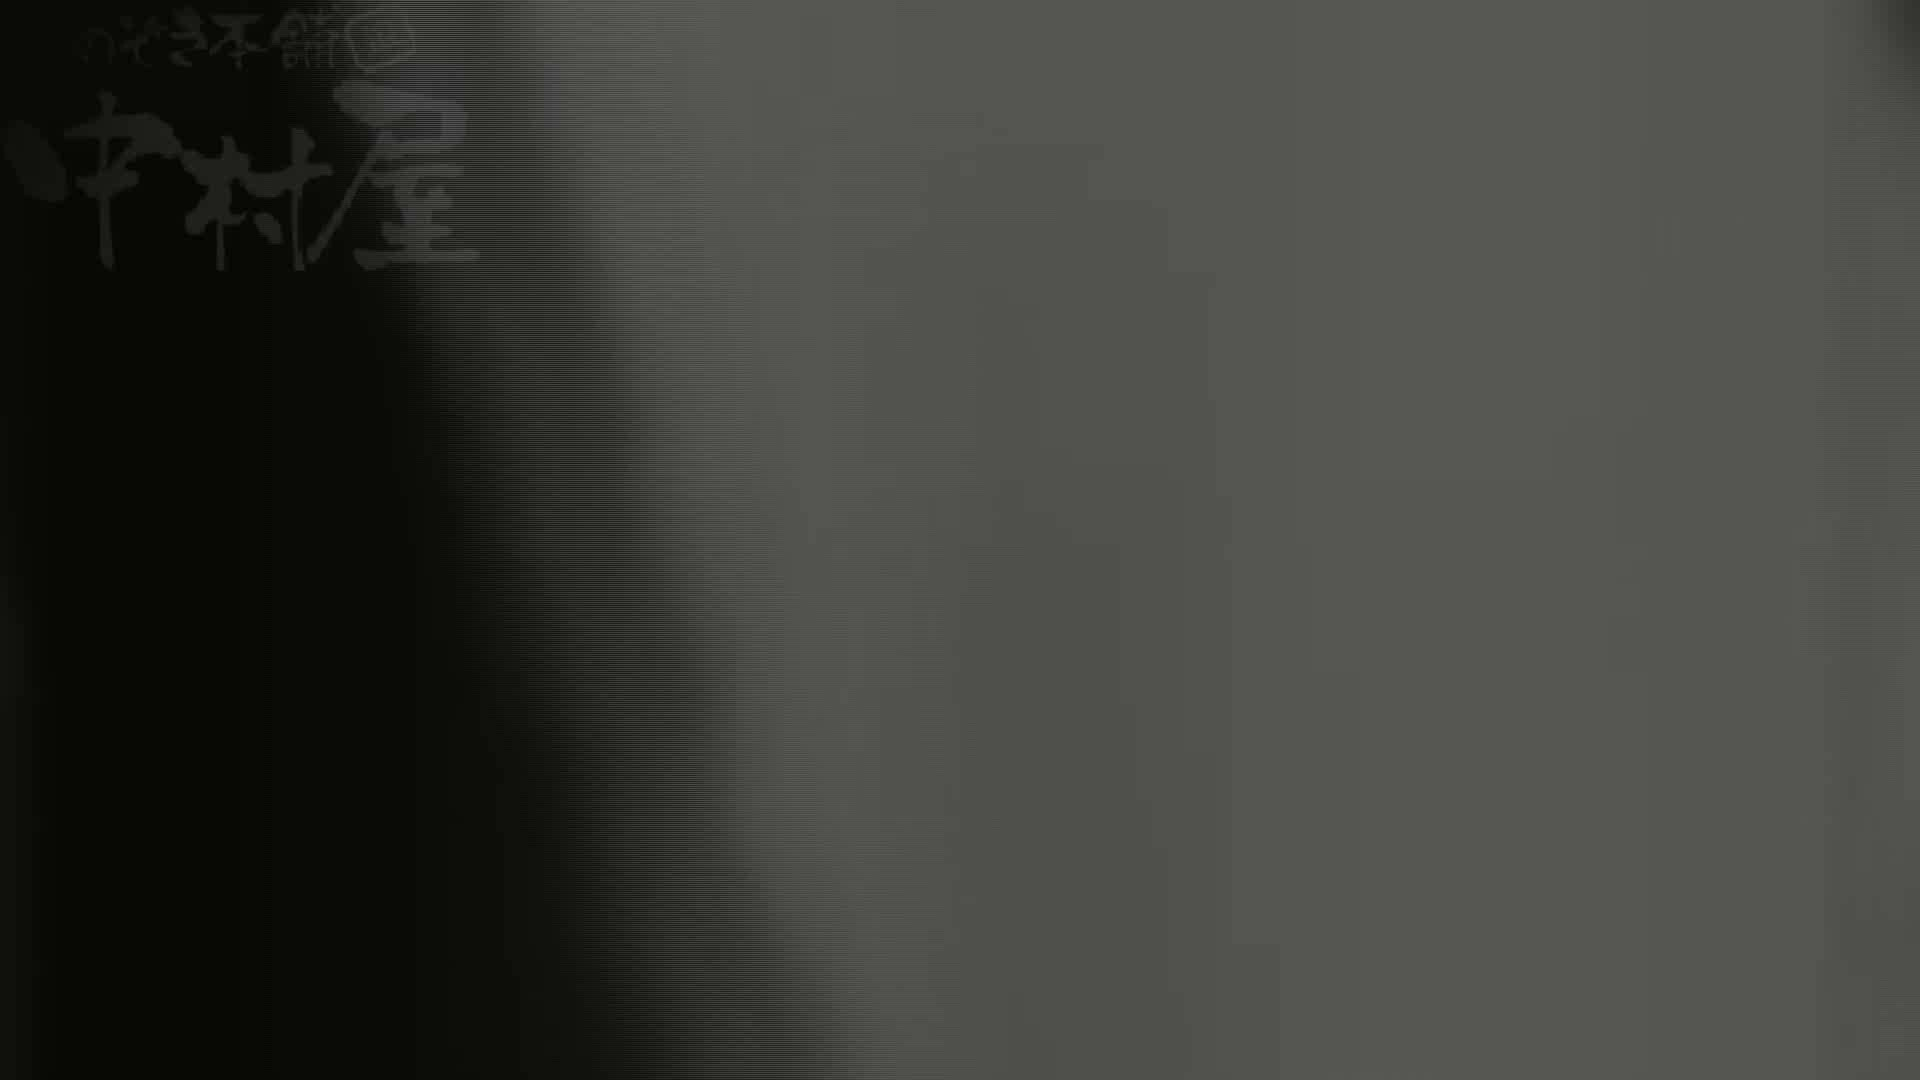 第三体育館潜入撮File024 最後の子公開残りは、SEIJUKU!! 乙女 覗きおまんこ画像 95連発 62